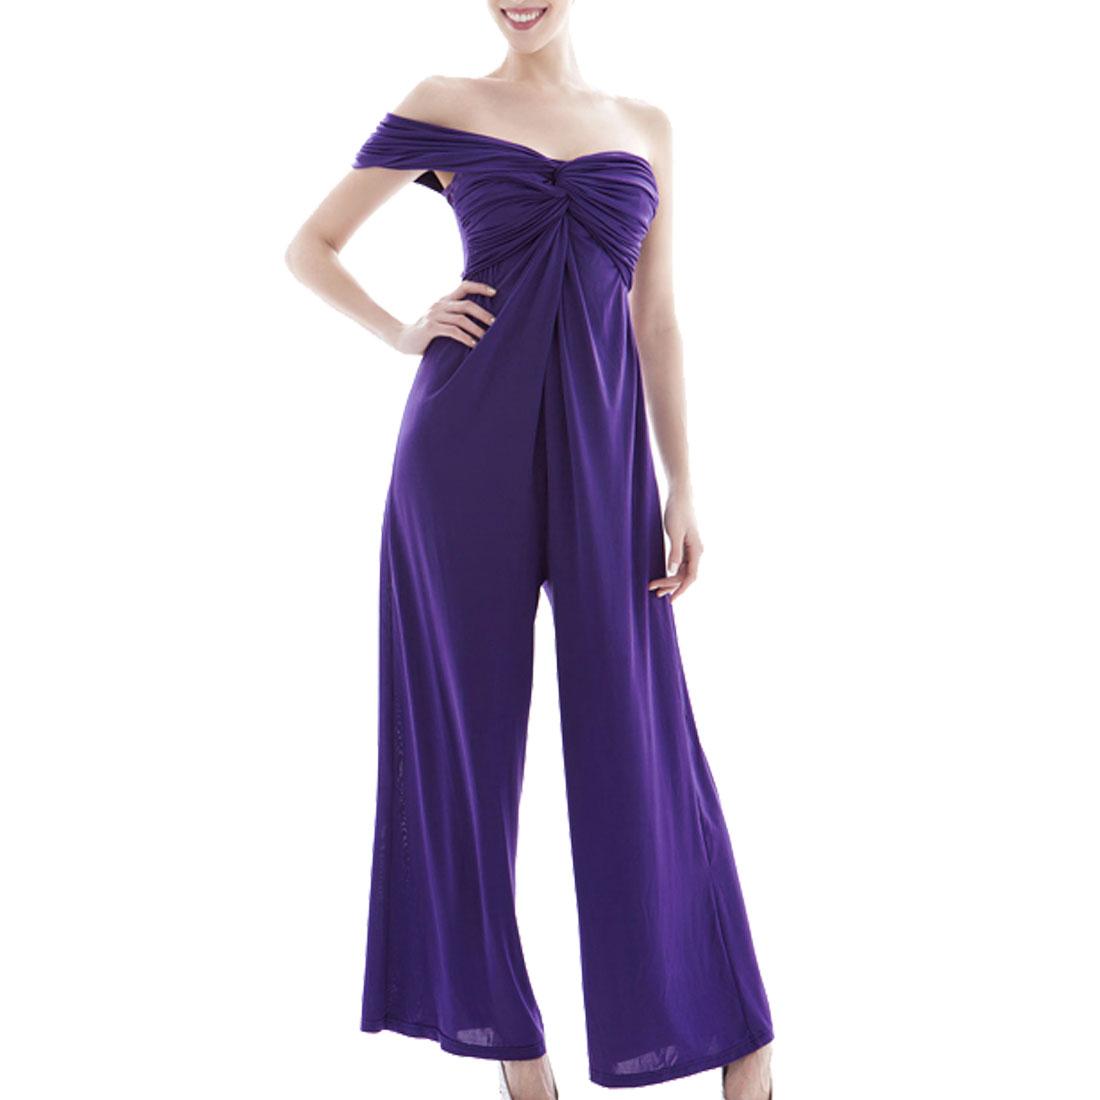 XS Woman Single Shoulder Knot Bust Wide Leg Jumpsuit Purple